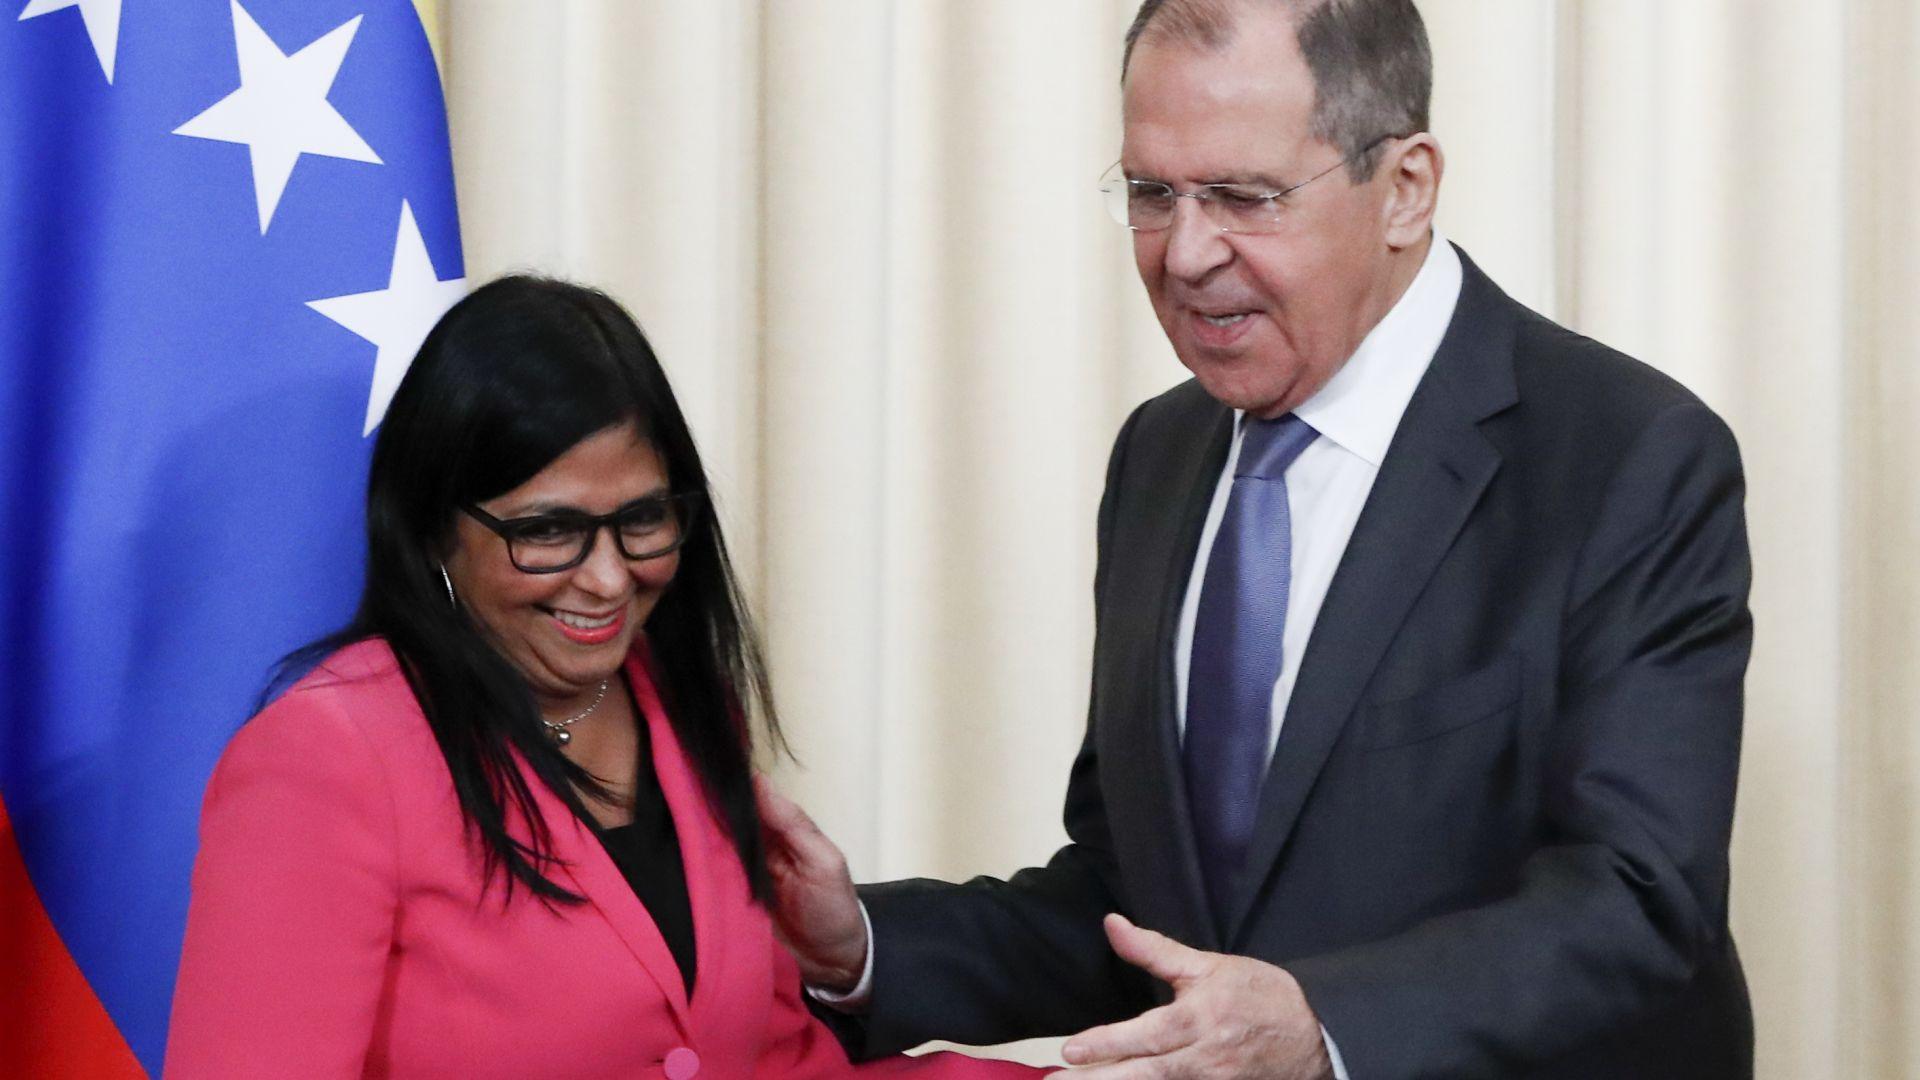 Лавров: САЩ купуват зенитни ракети от Източна Европа за опозицията във Венецуела